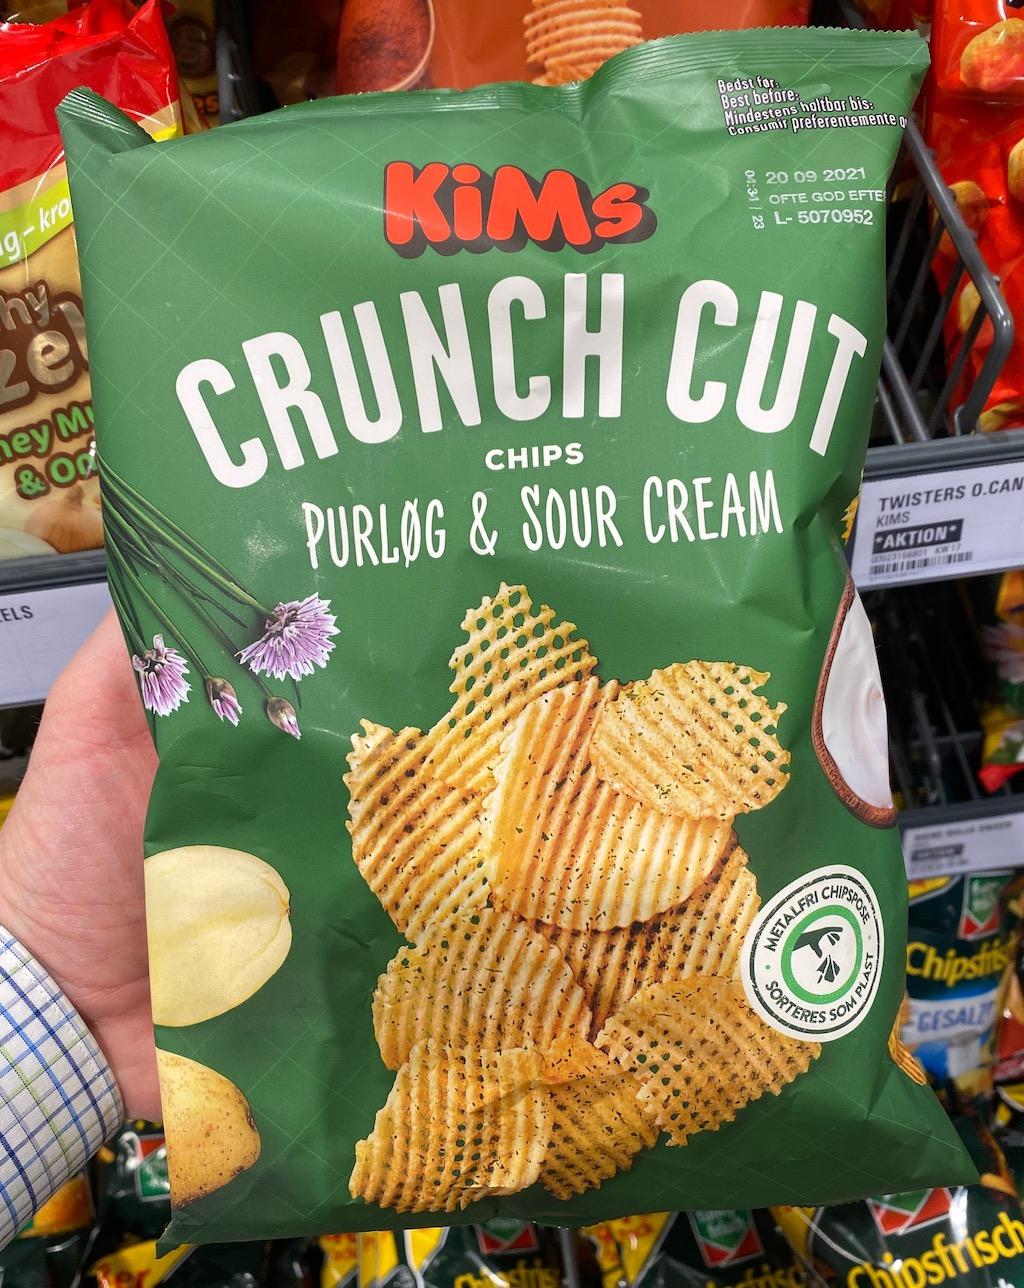 KIMs Crunch Cut Chips Purlog+Sour Cream